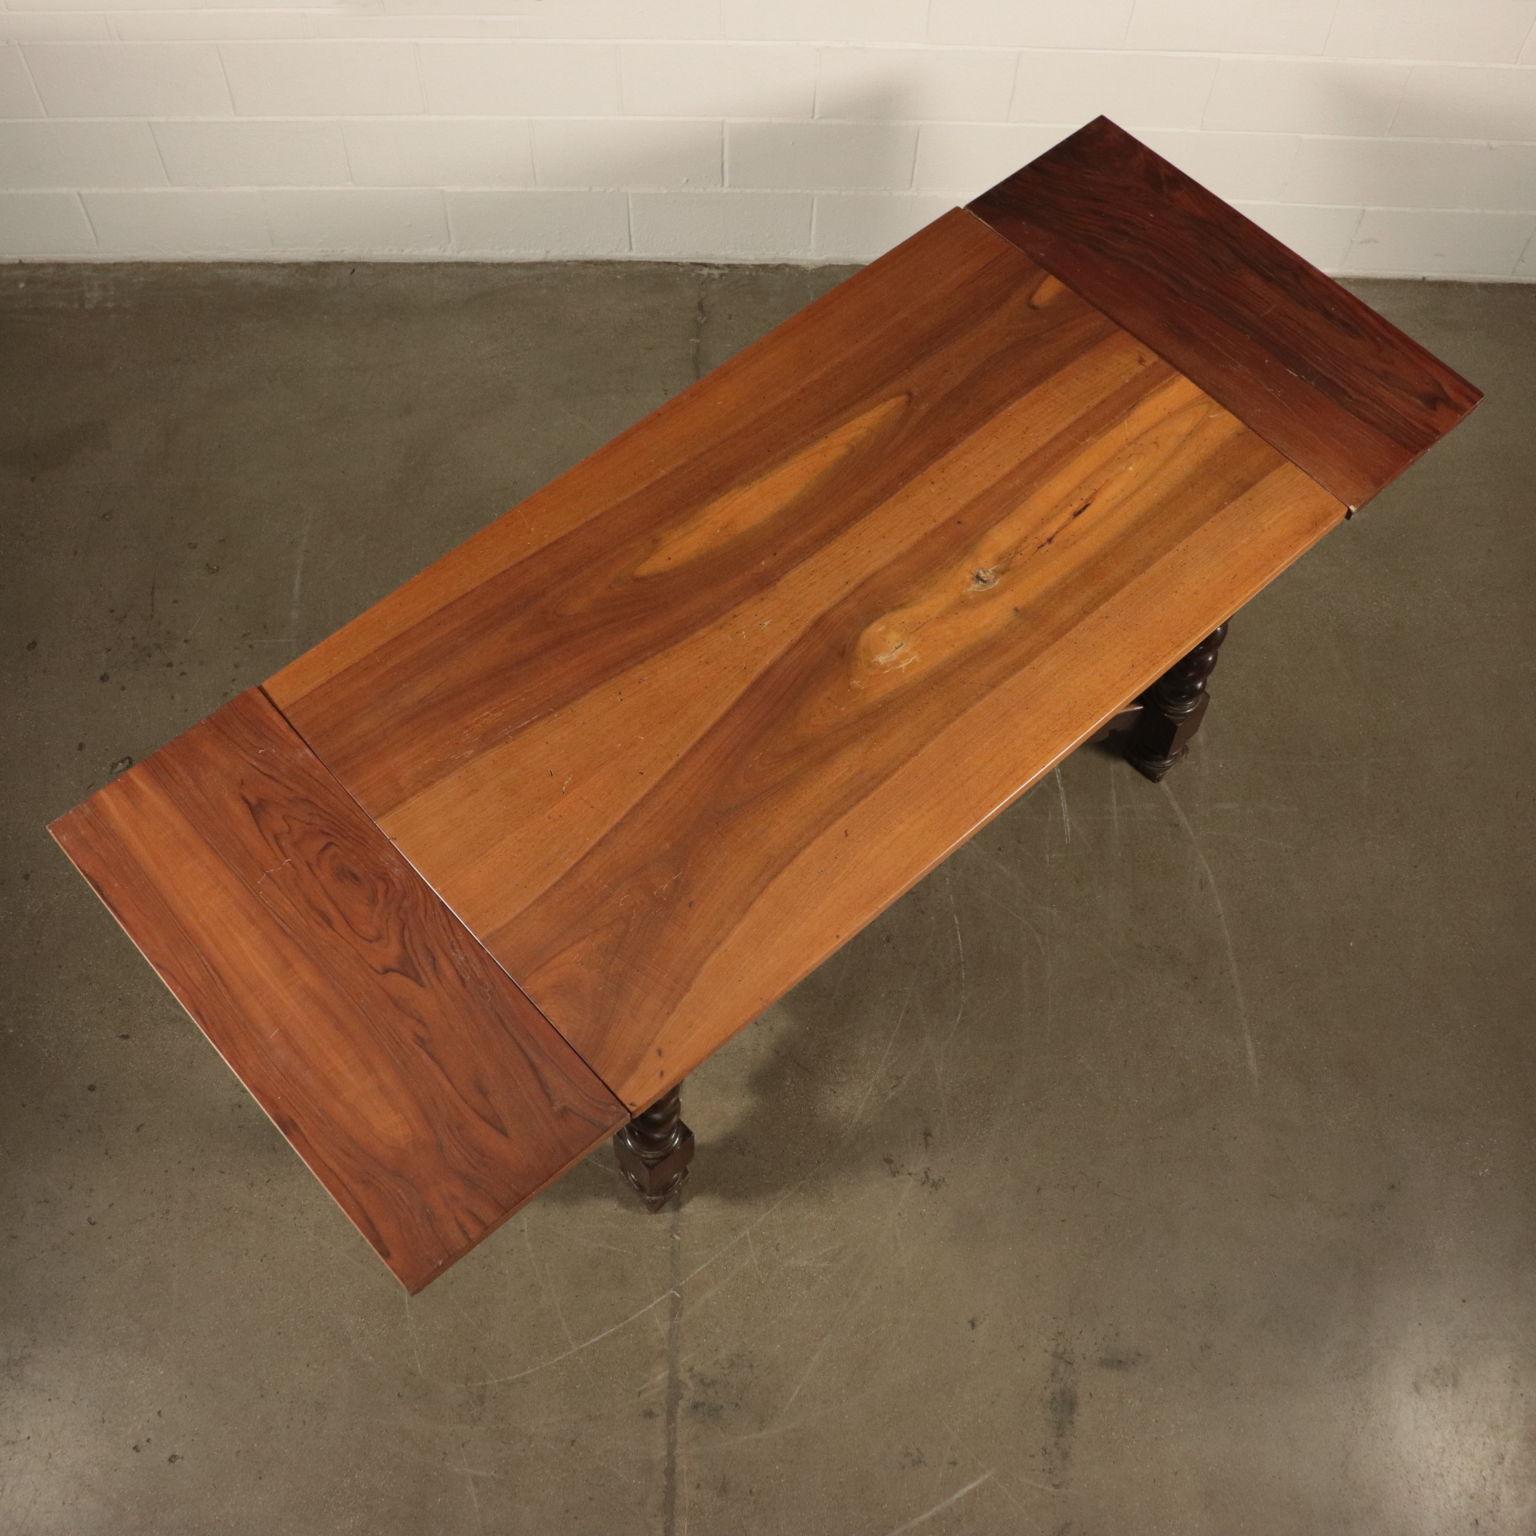 Tavolo Con Gamba Centrale tavolo con gambe a torciglione - tavoli - antiquariato